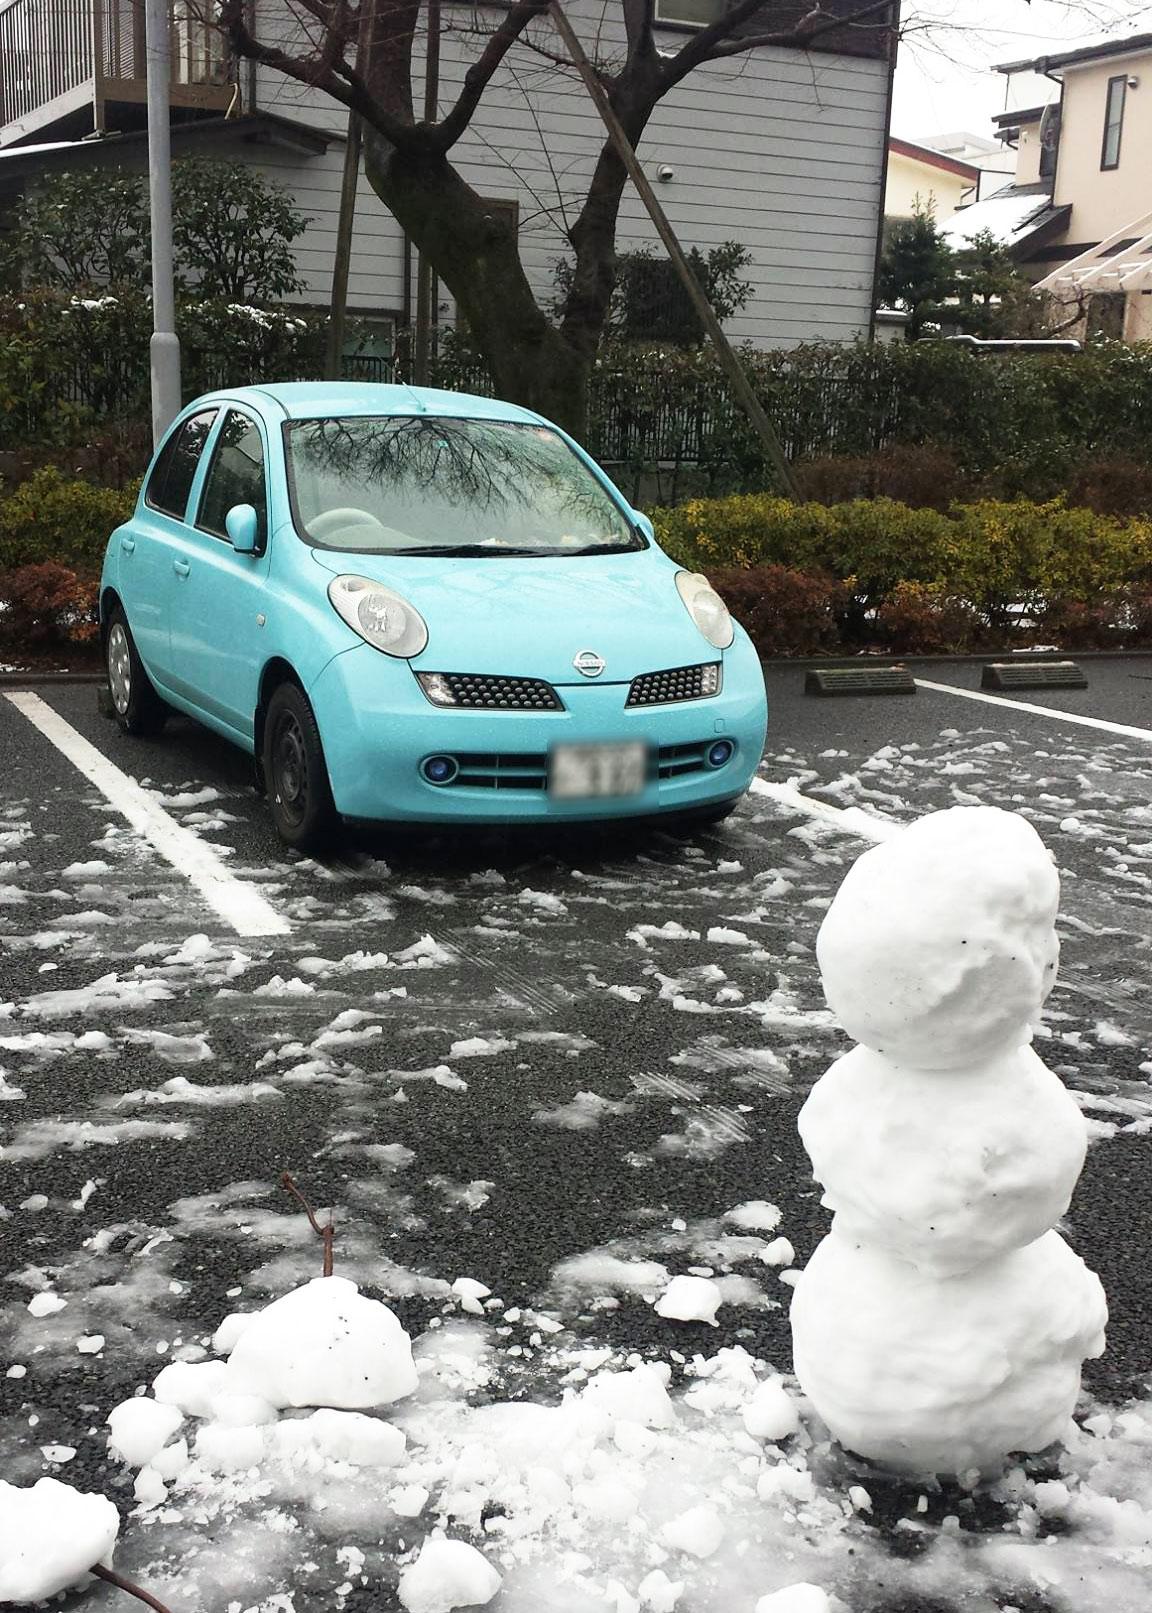 今から生徒chanの本番!ユニゾンの意味。…と、雪ッ_d0224894_17451976.jpg